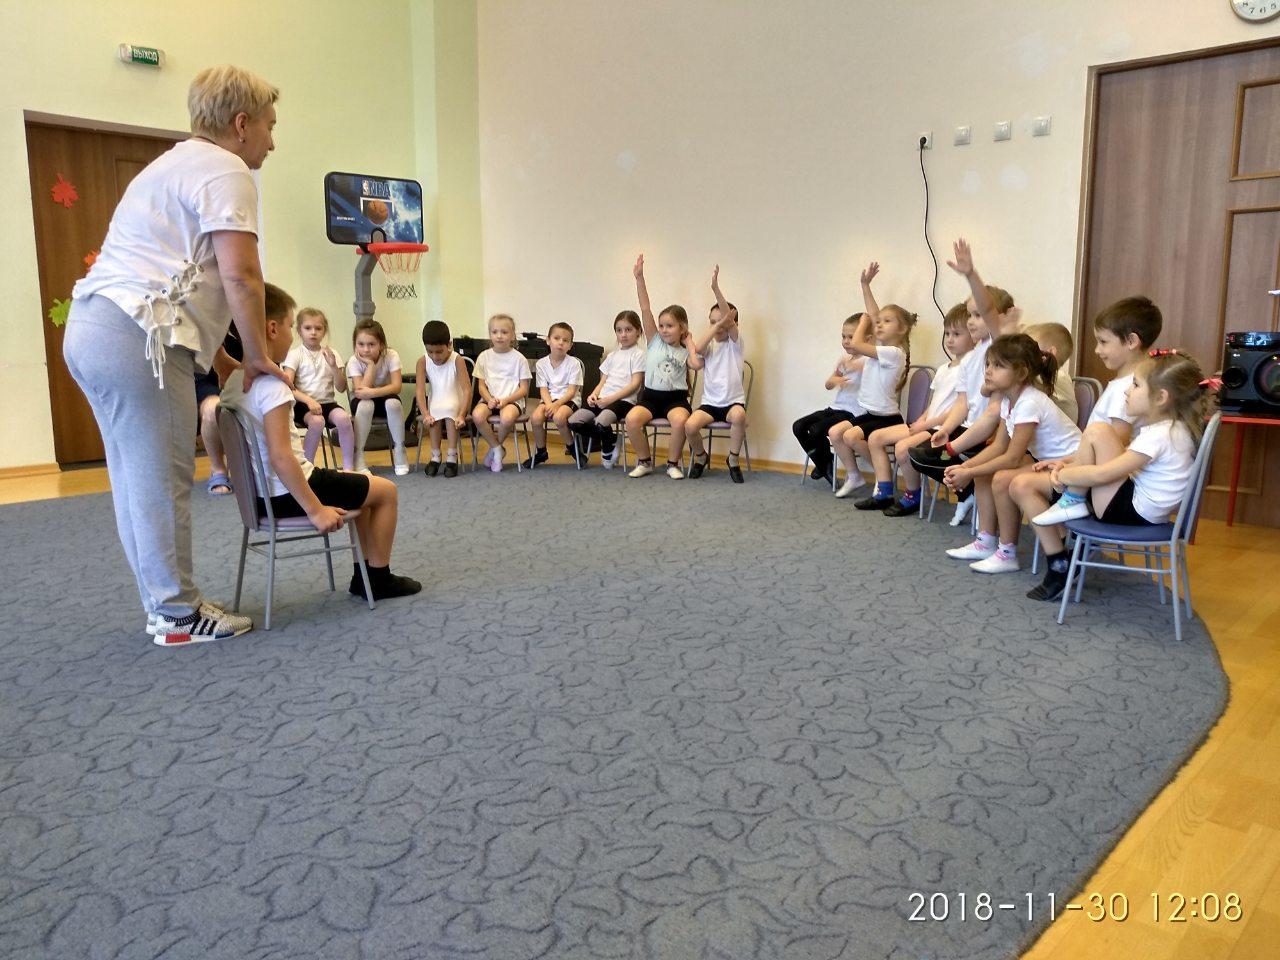 Пансионат для пожилых в вологодской области